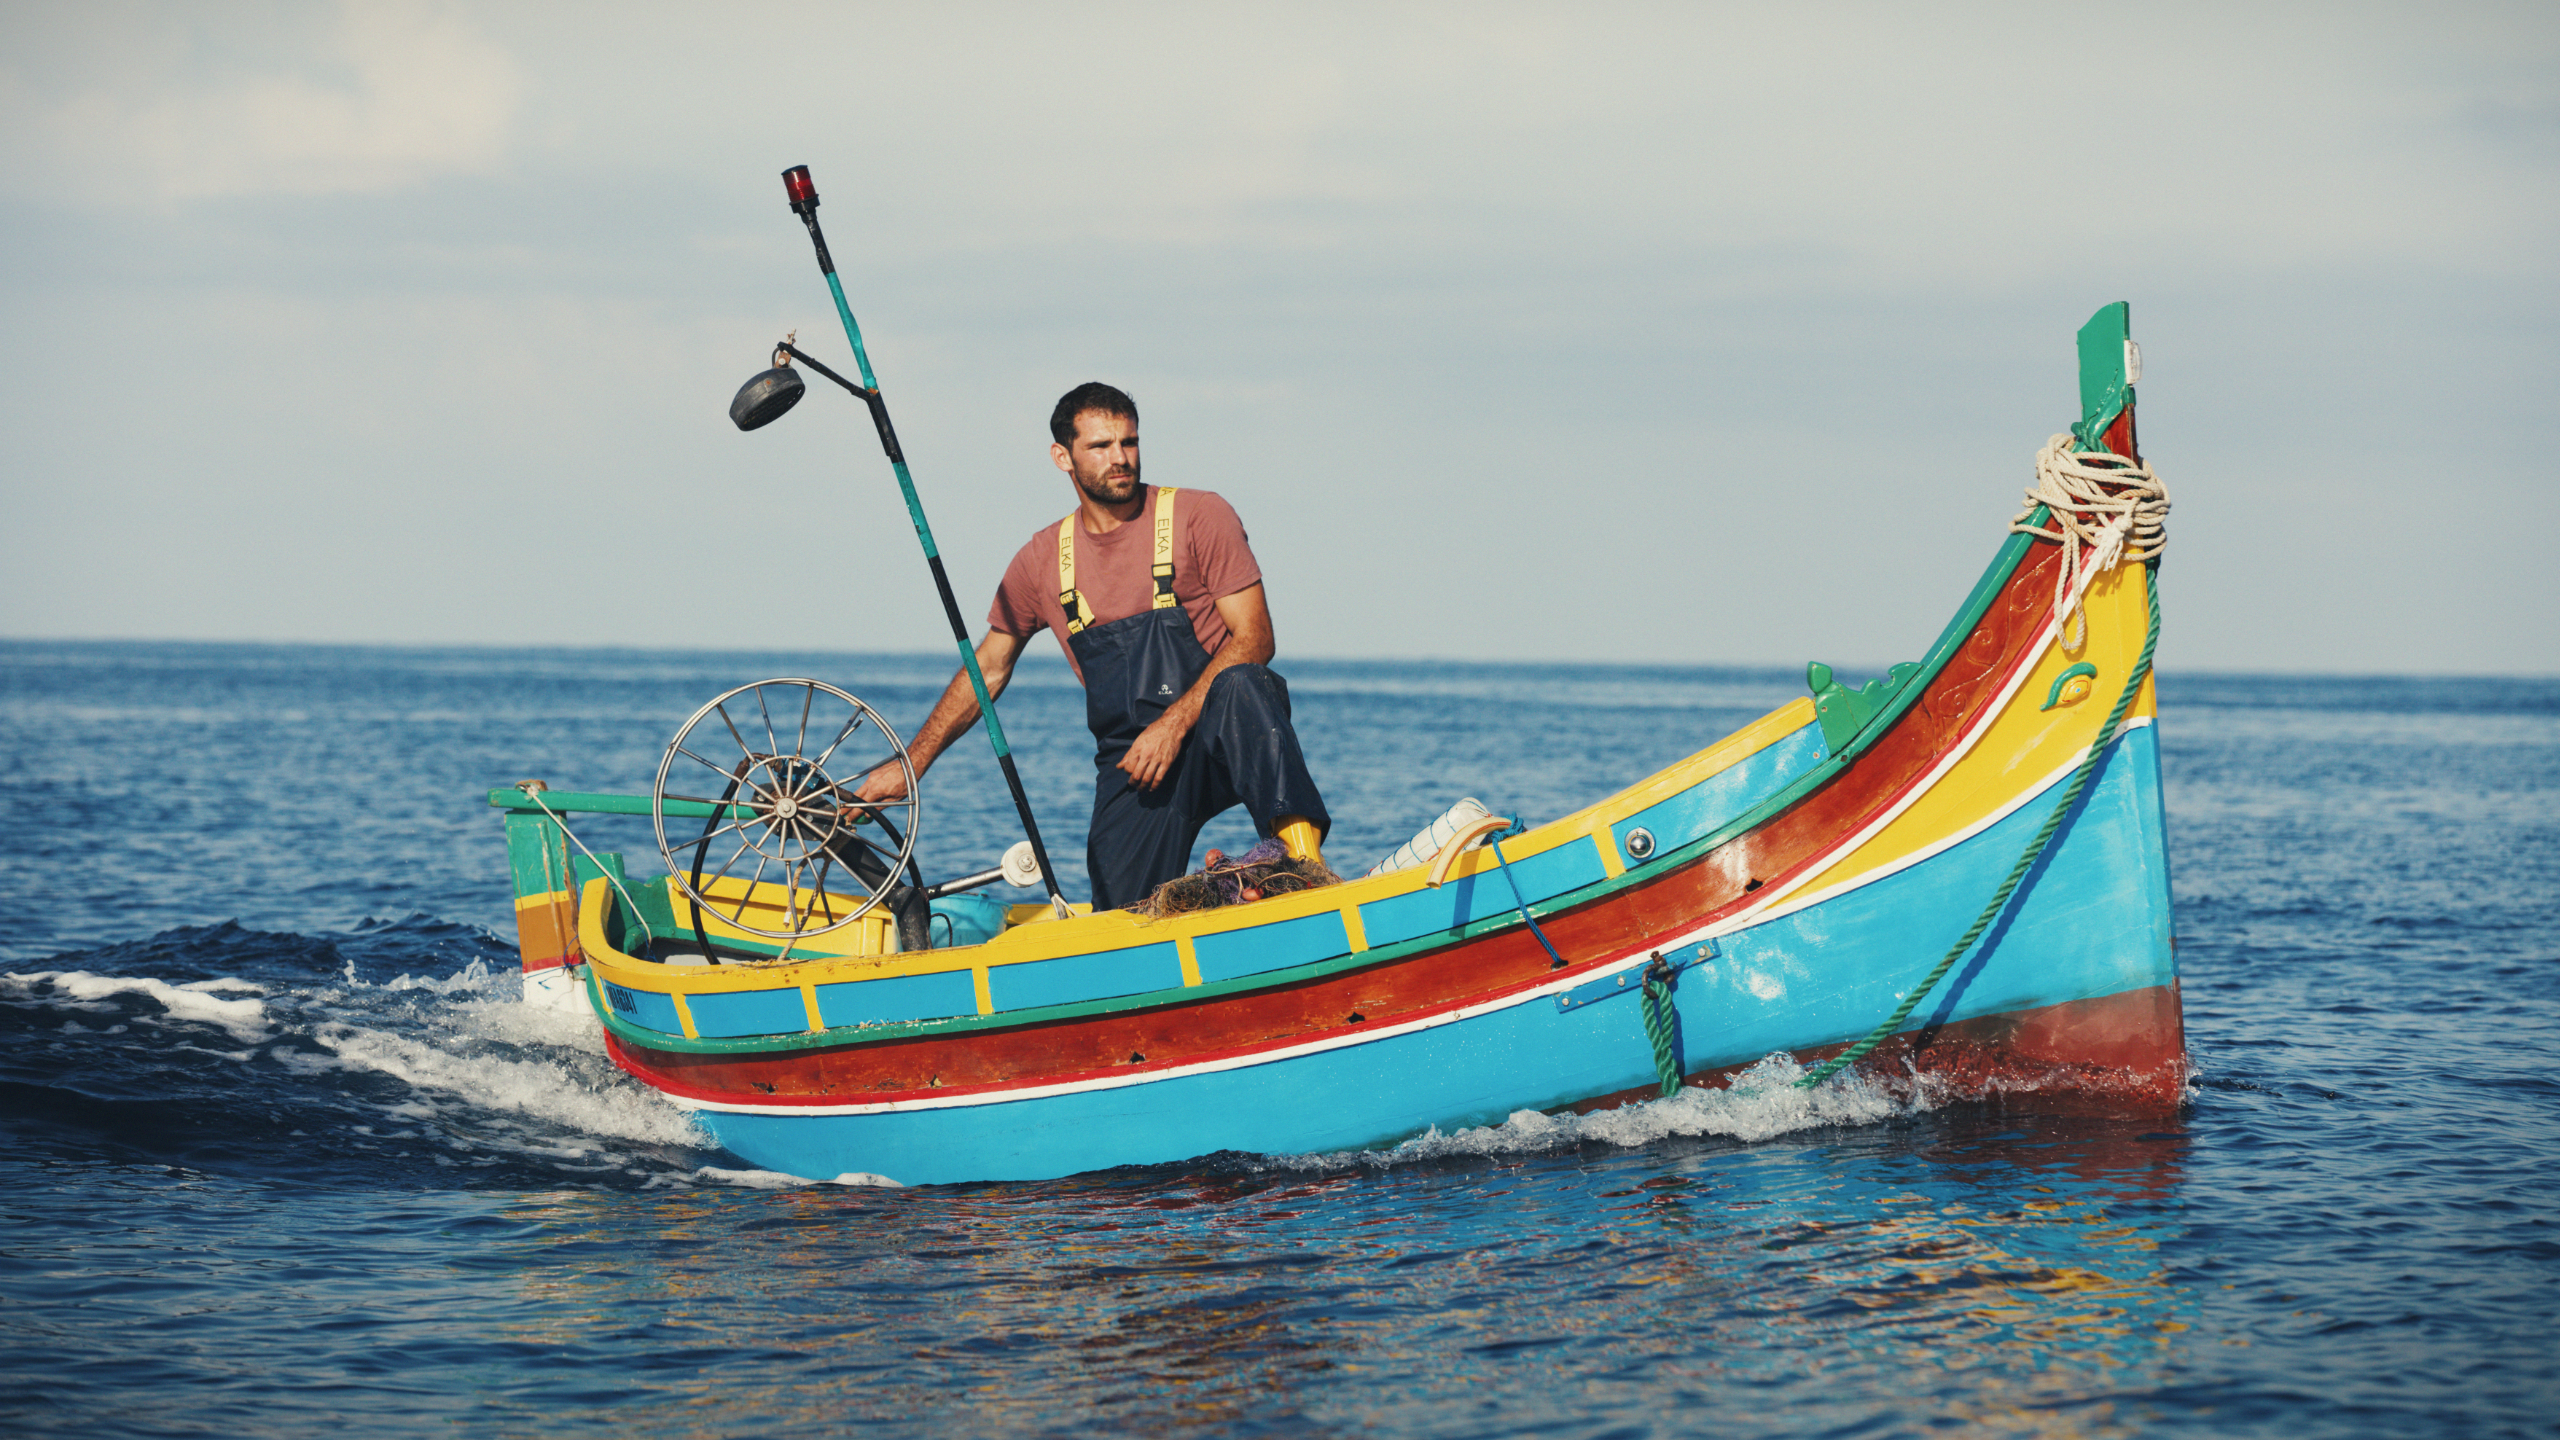 Fisherman in boat.